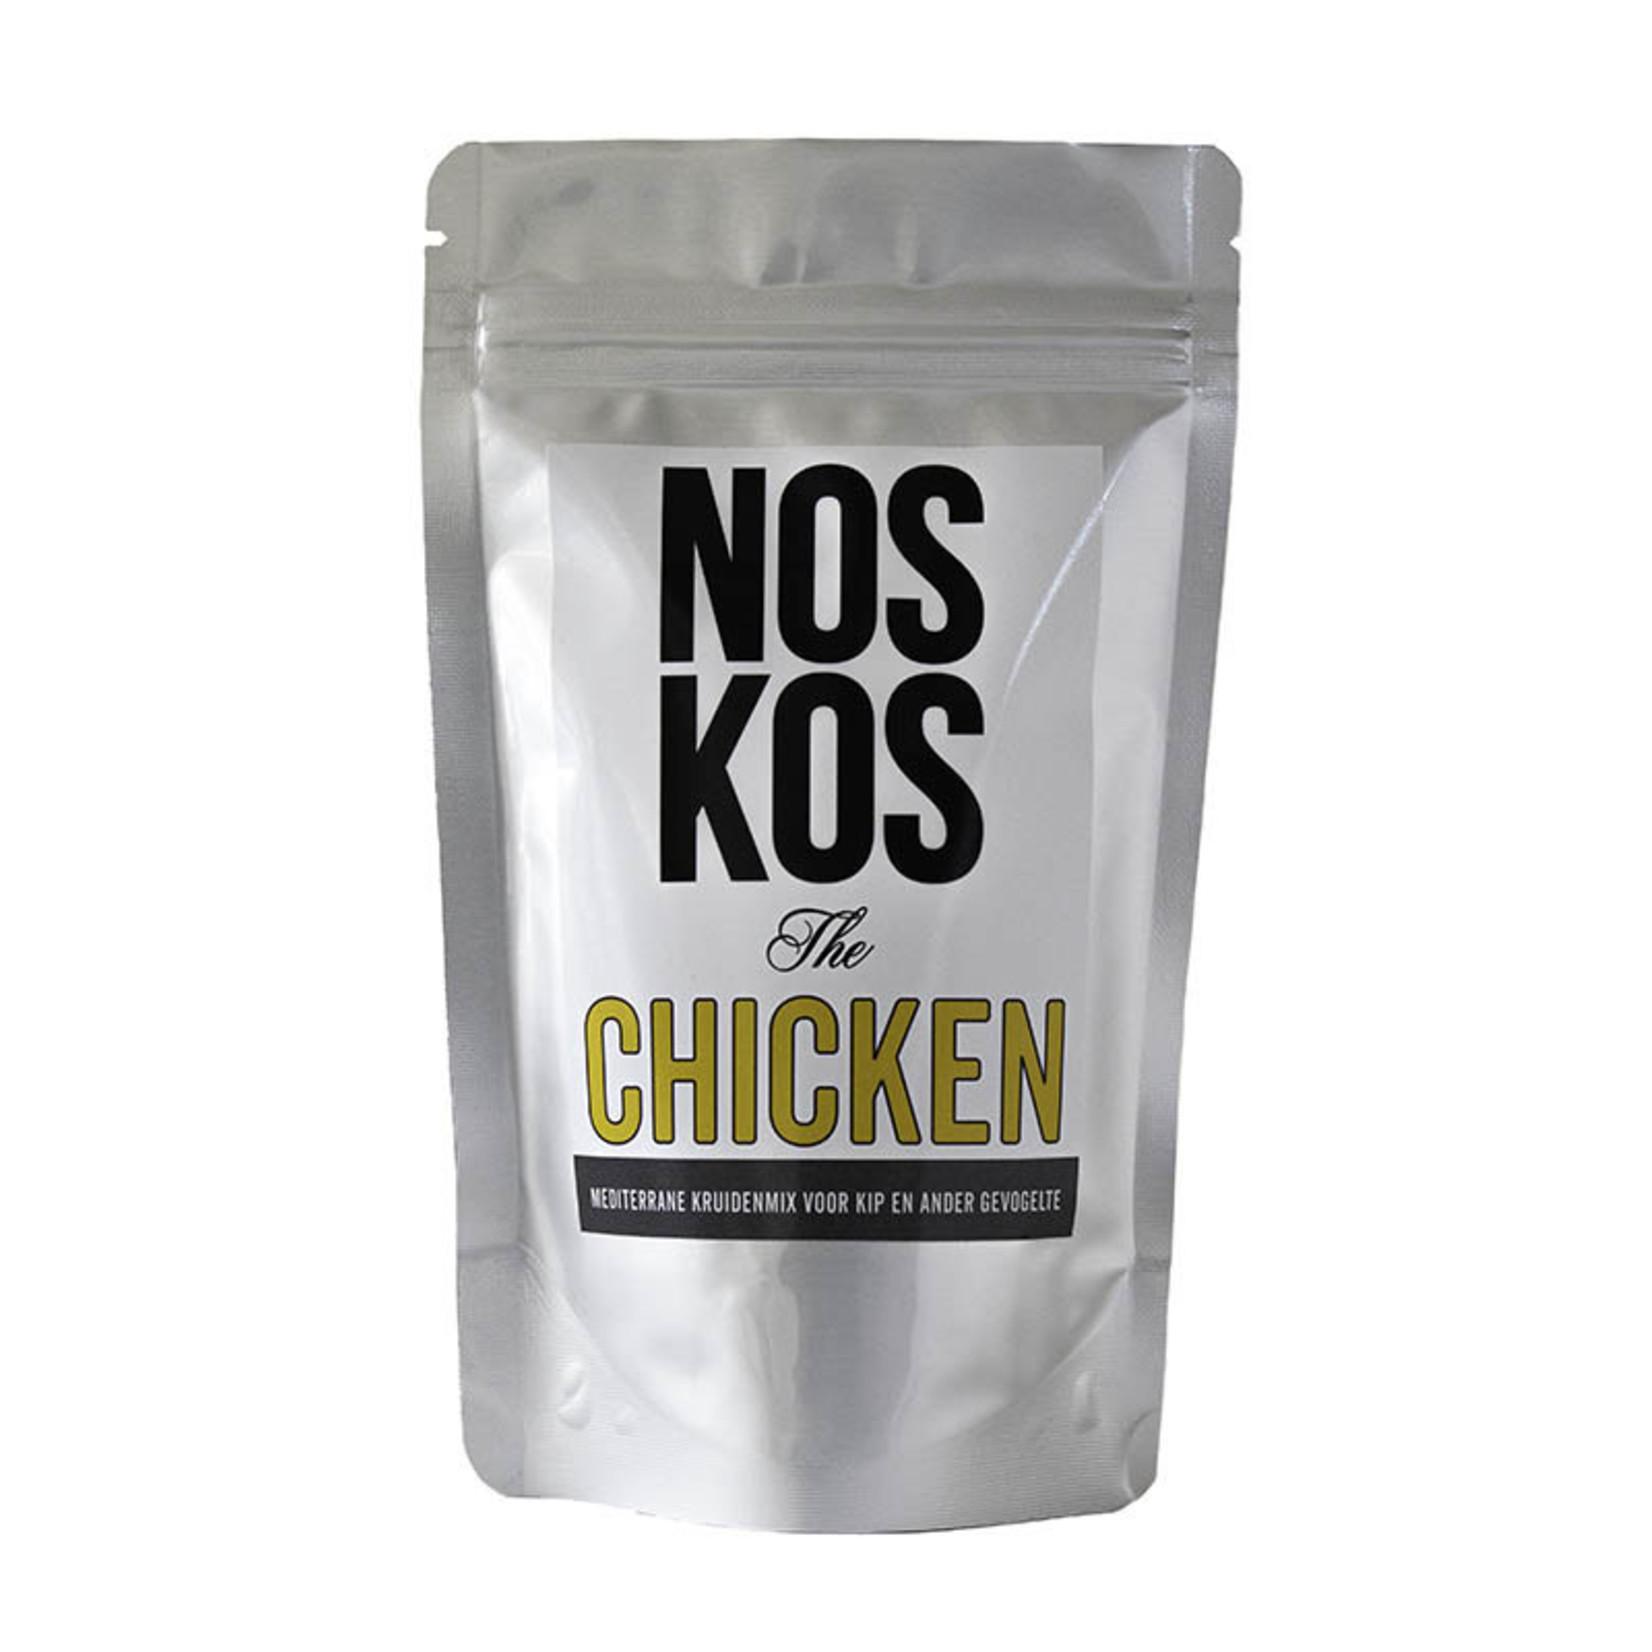 Noskos NOSKOS  The Chicken